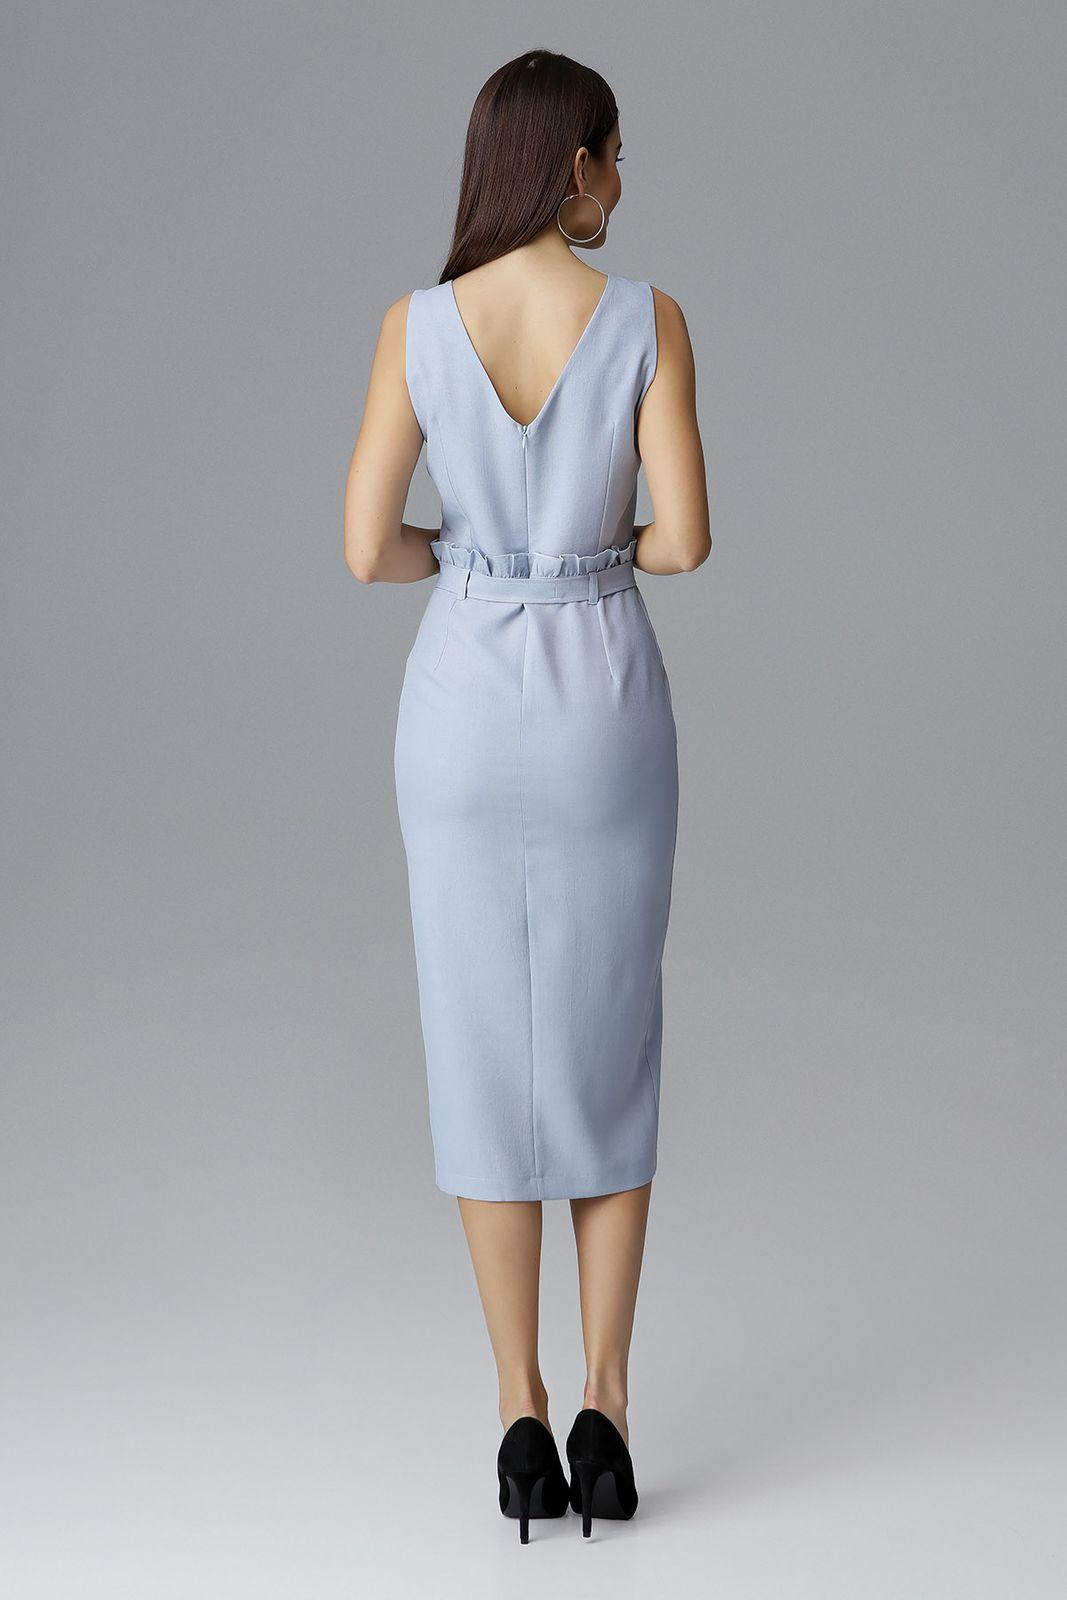 kleding en accessoires figl damen kleid blau plb.ac.id